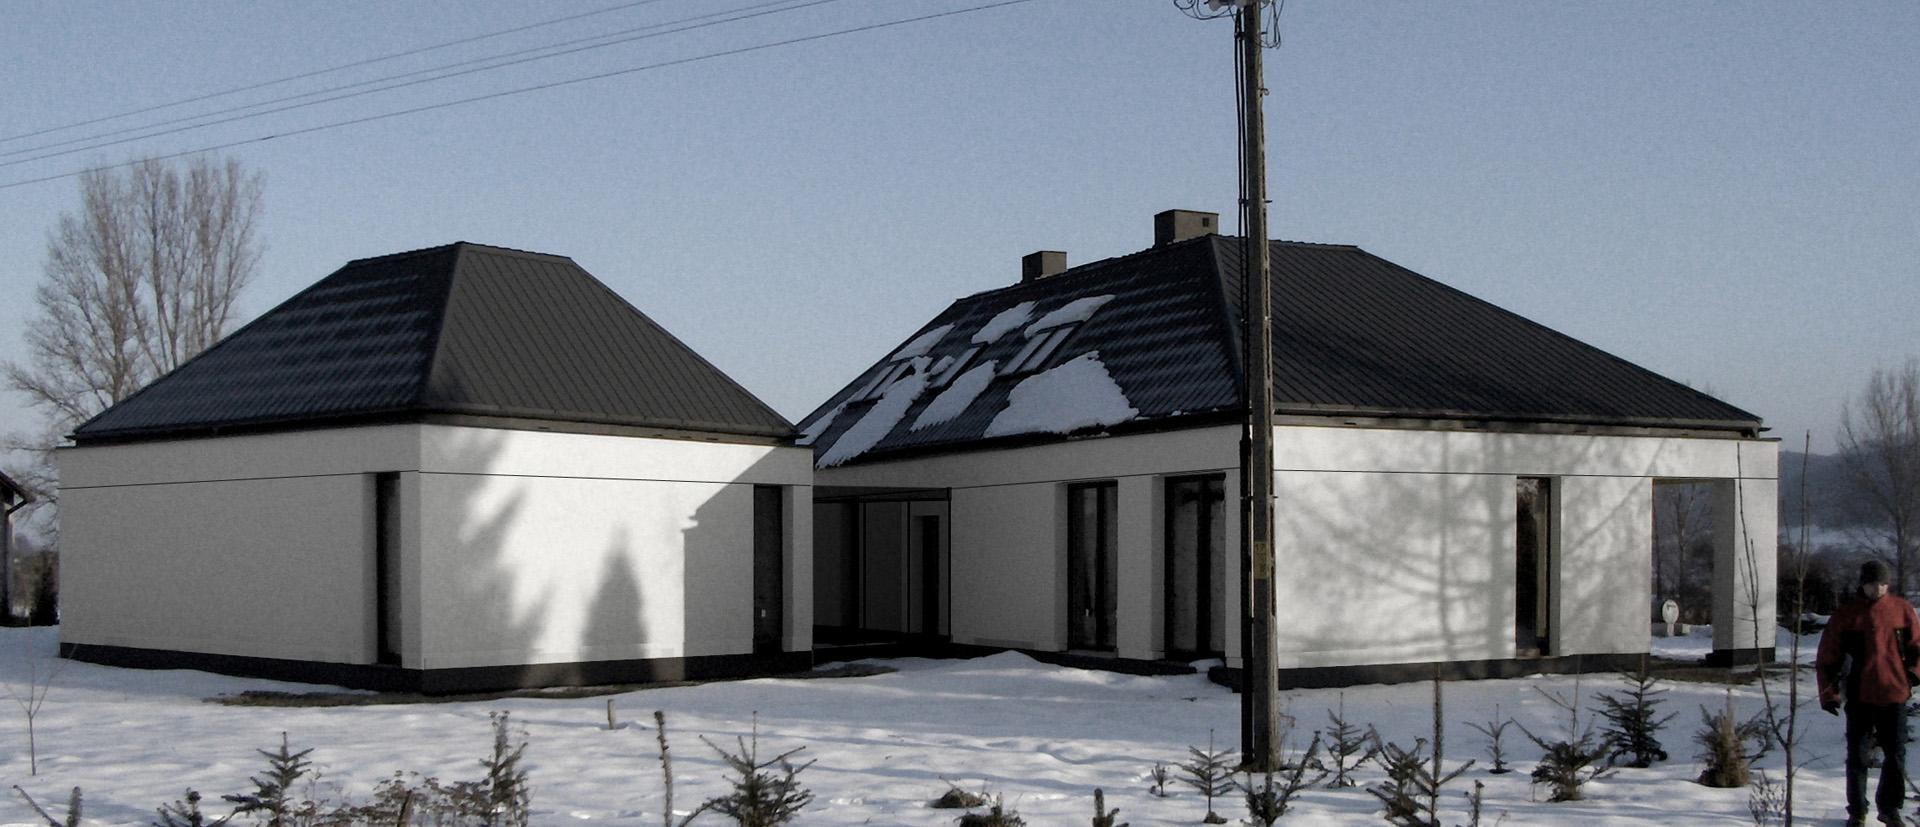 Dom jednorodzinny we Frysztaku.